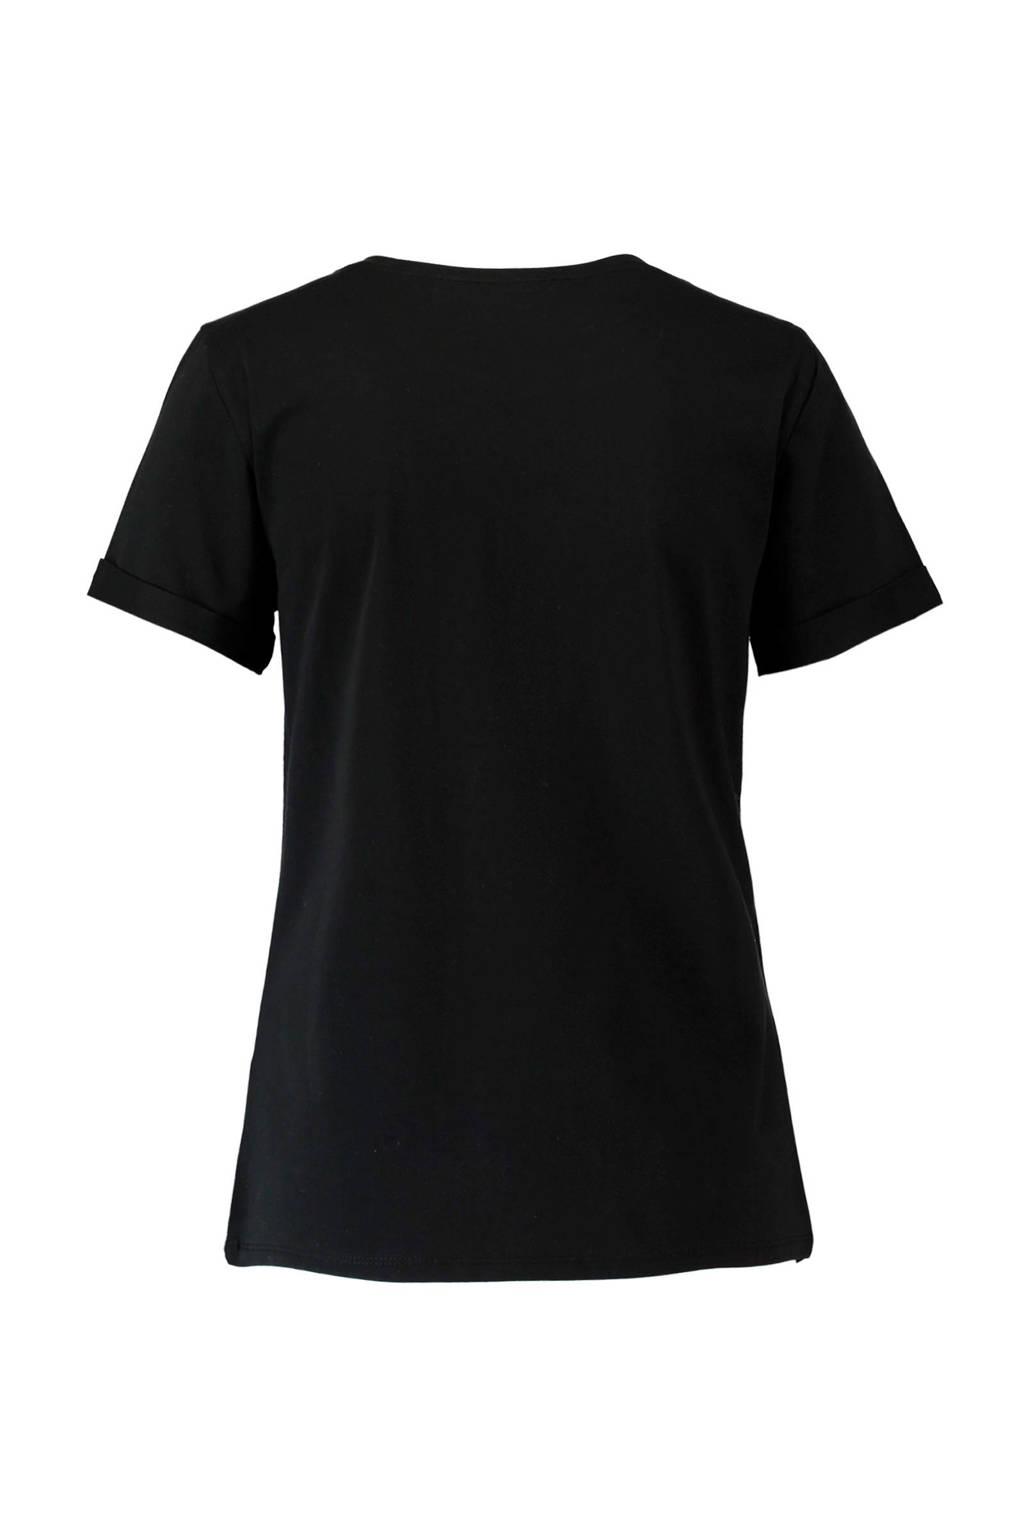 Coolcatt Met Tekstopdruk Tekstopdruk Met Glitter Glitter shirt Coolcatt shirt vCAWEwq